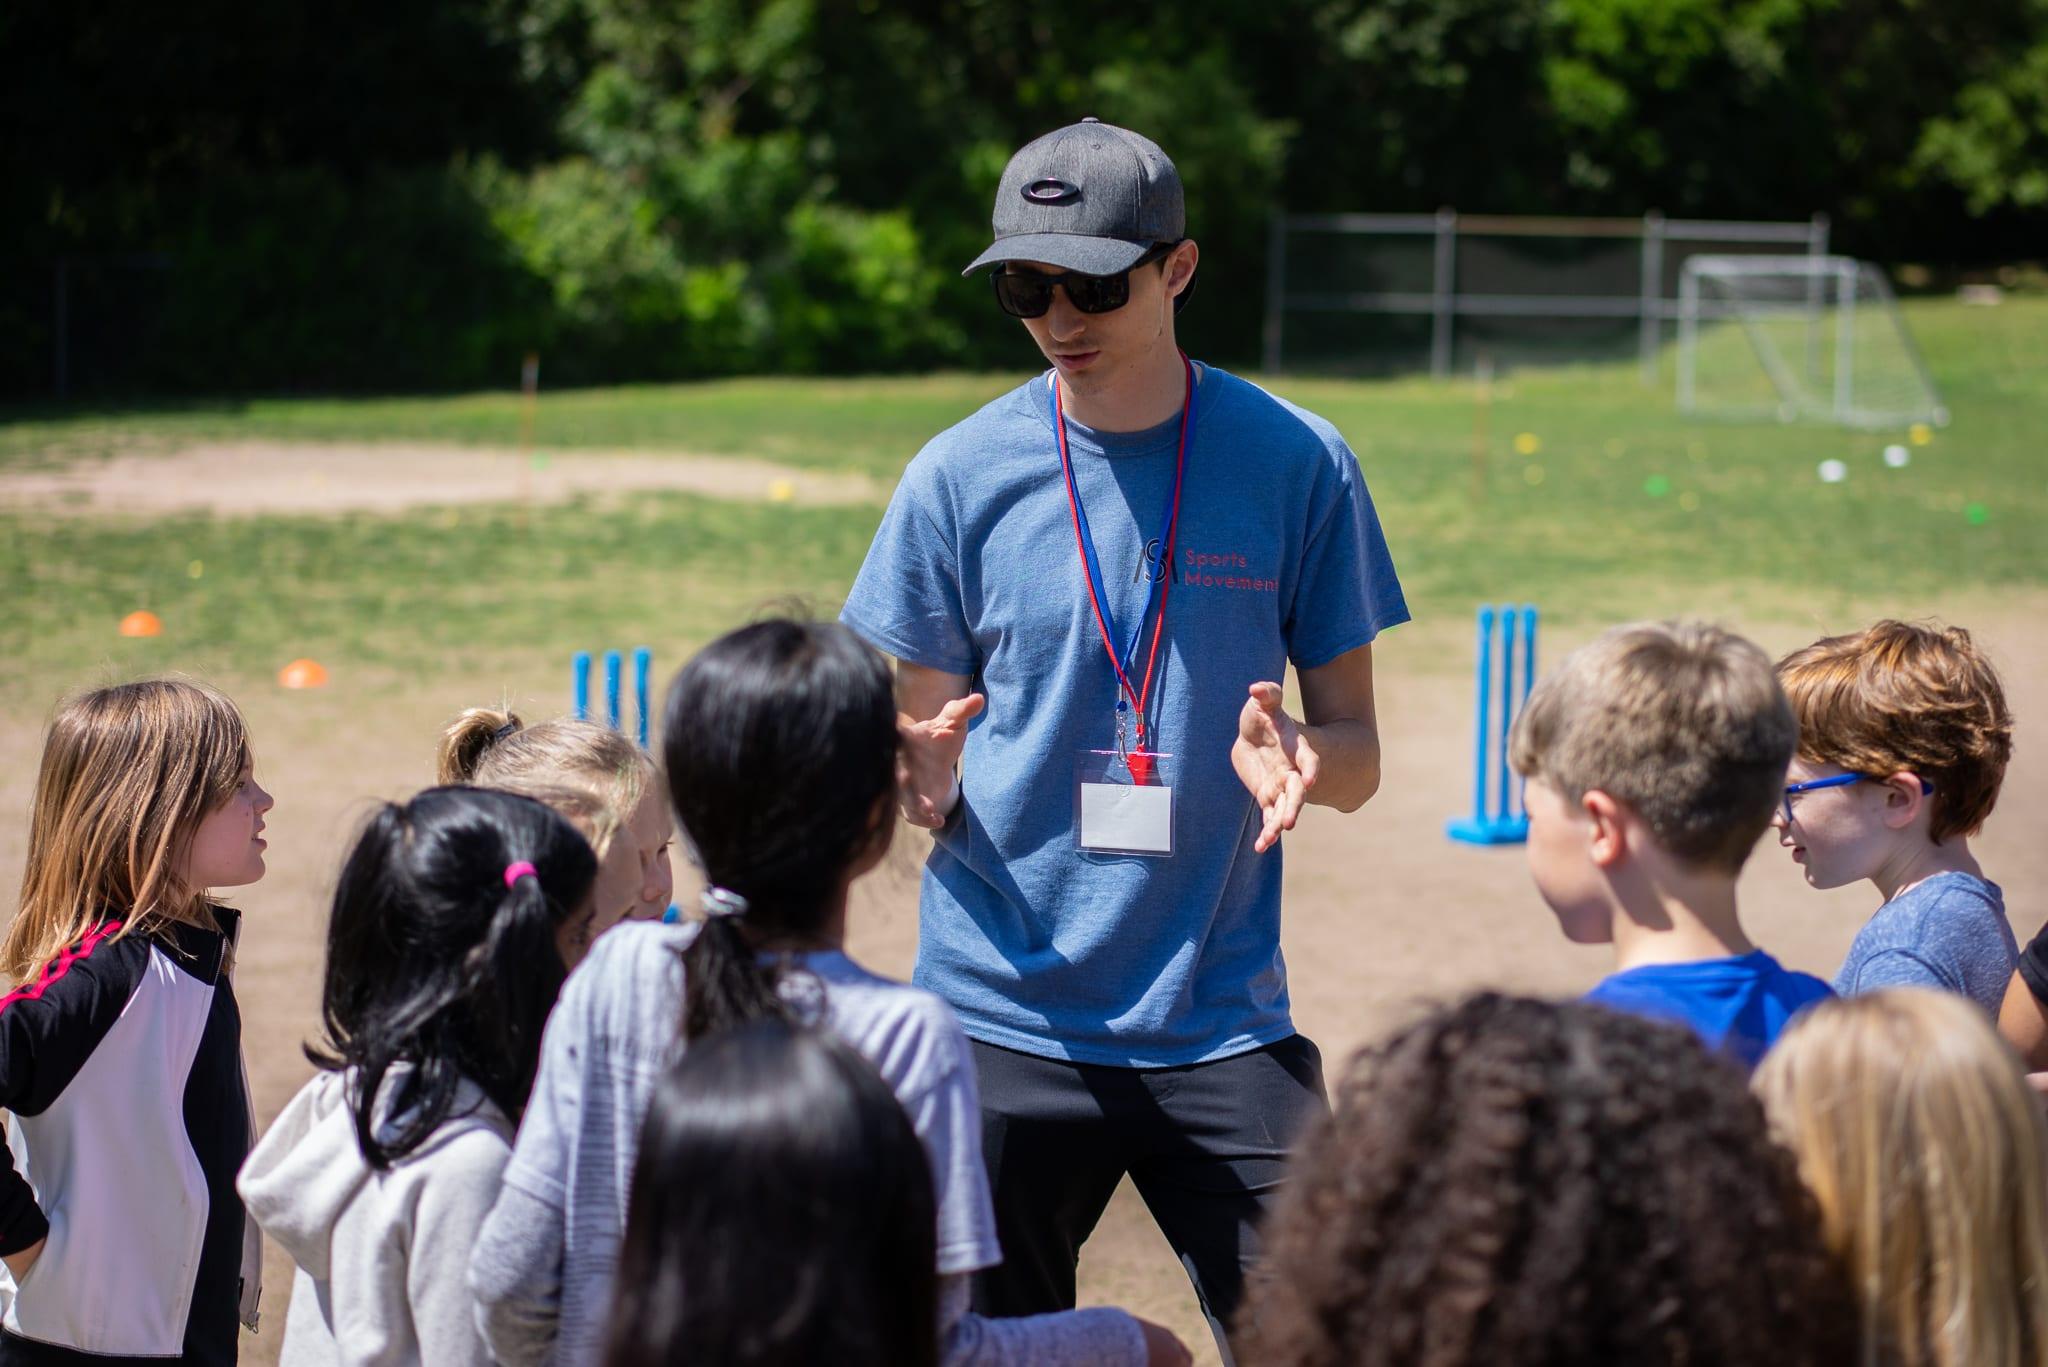 coach explaining rules